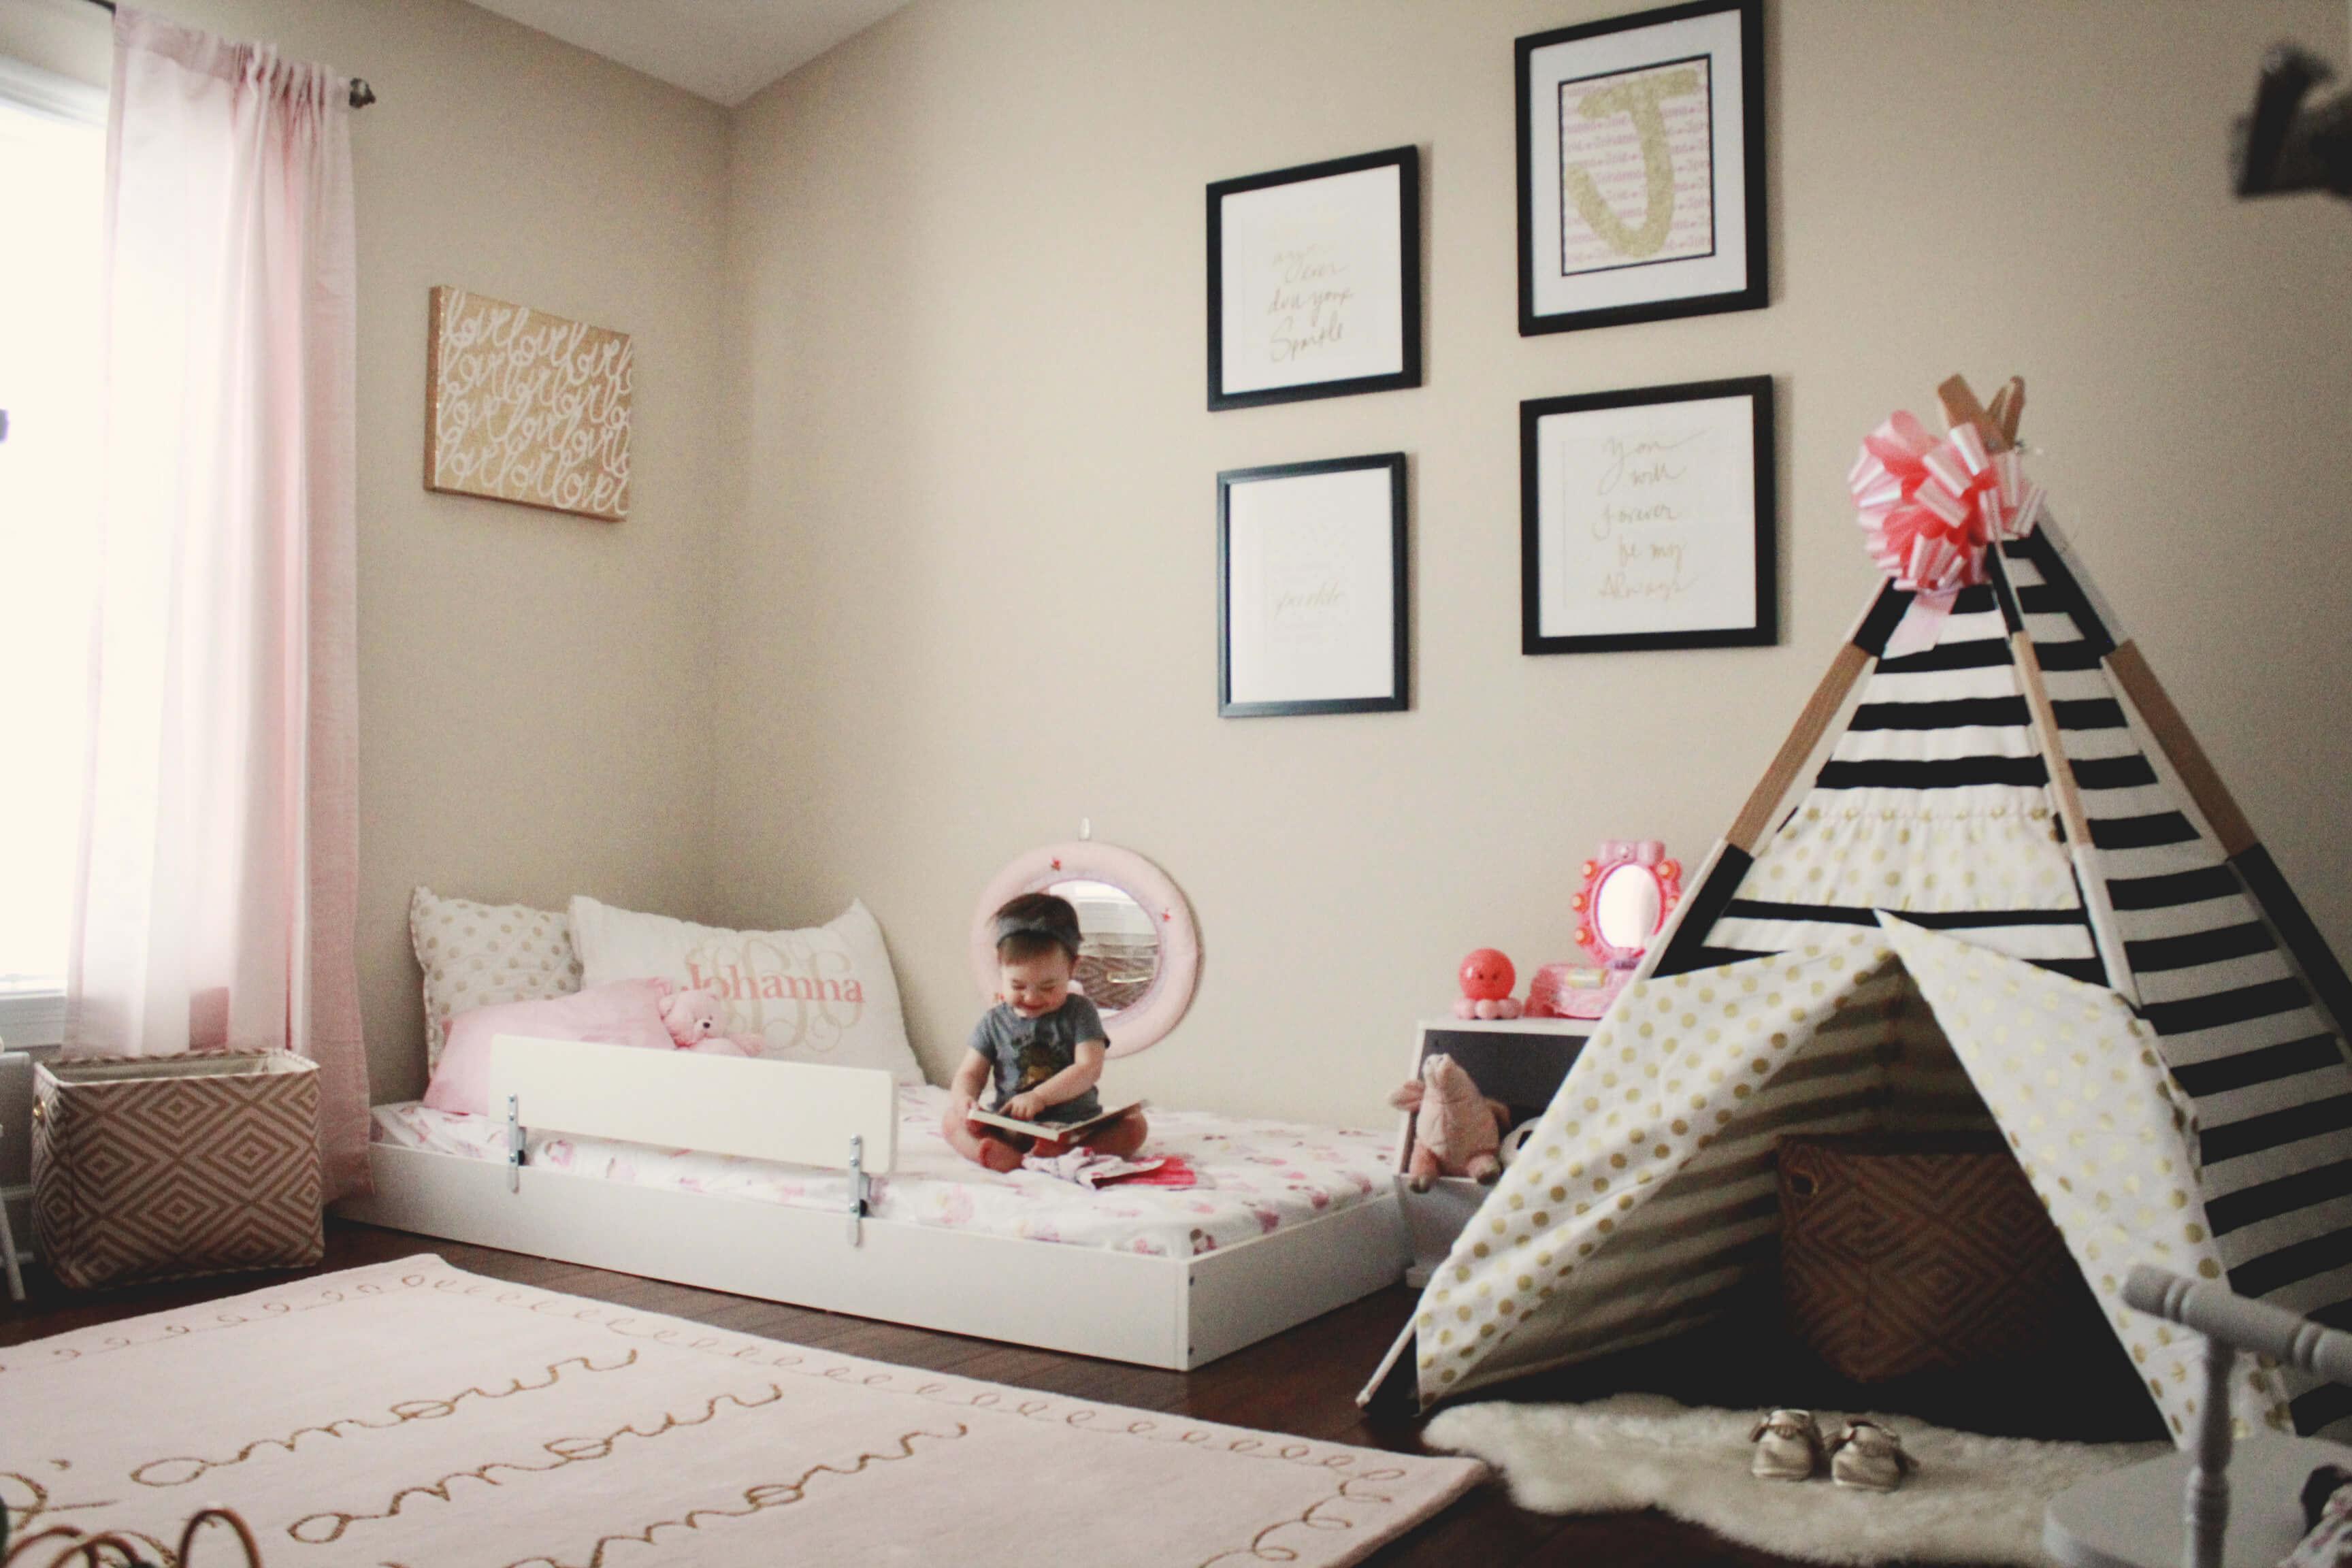 Letti Bassi Per Bambini Ikea.Lettino Montessori Da Ikea Chizzocute